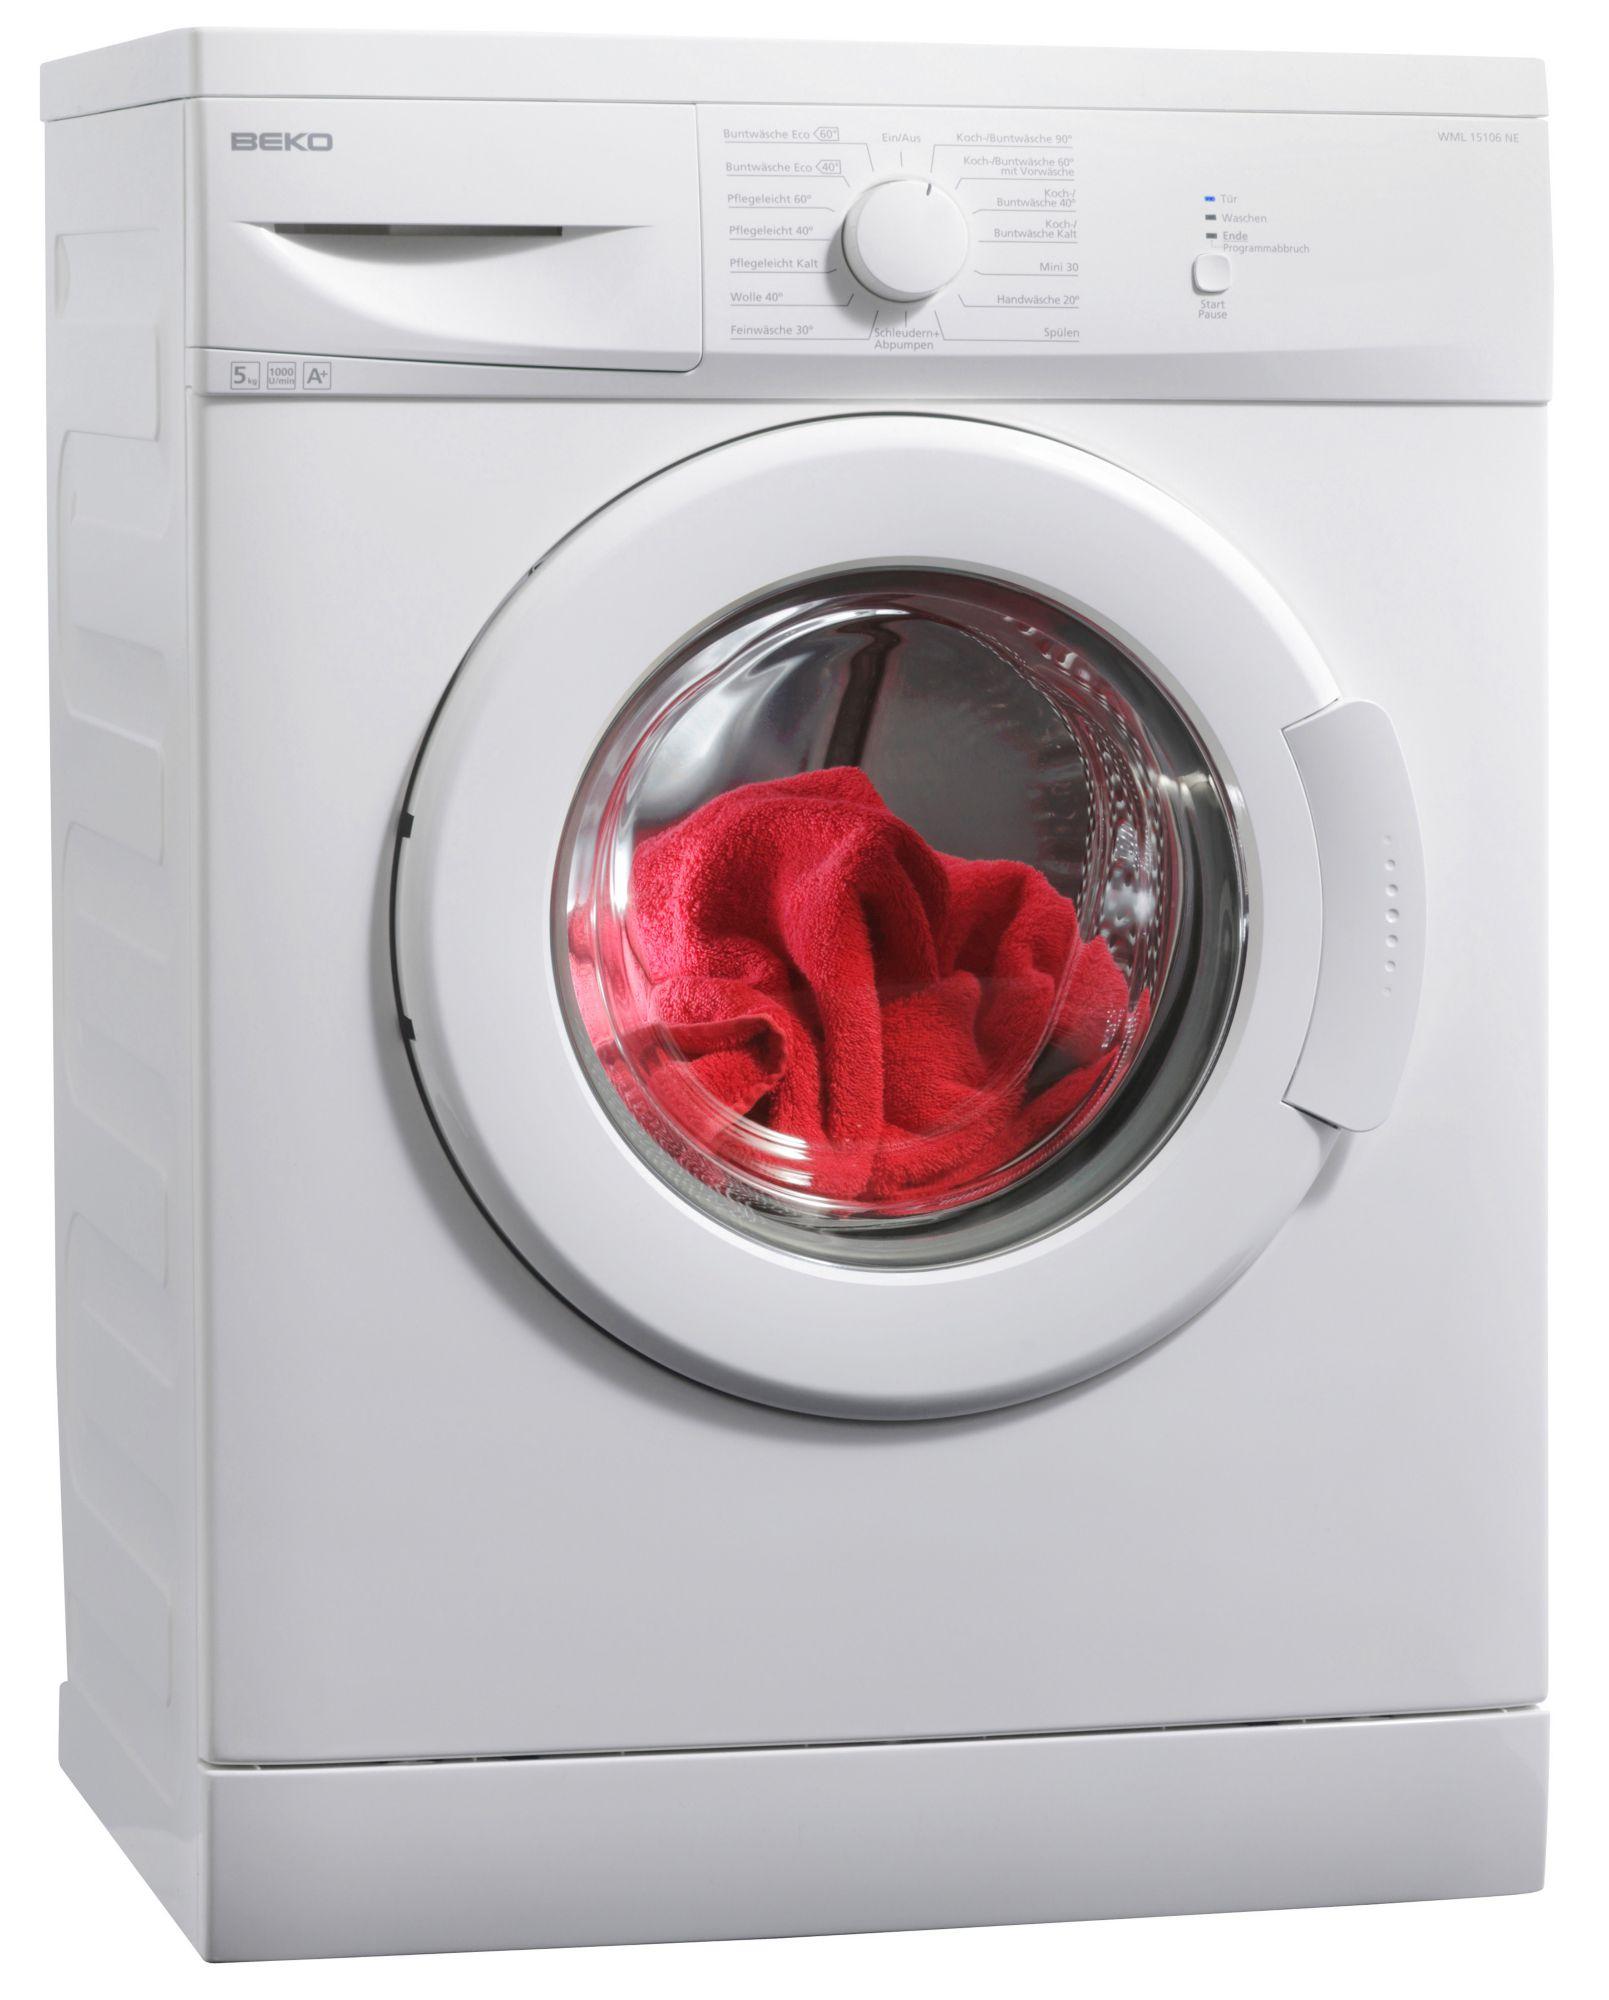 waschmaschine mini g nstig kaufen. Black Bedroom Furniture Sets. Home Design Ideas